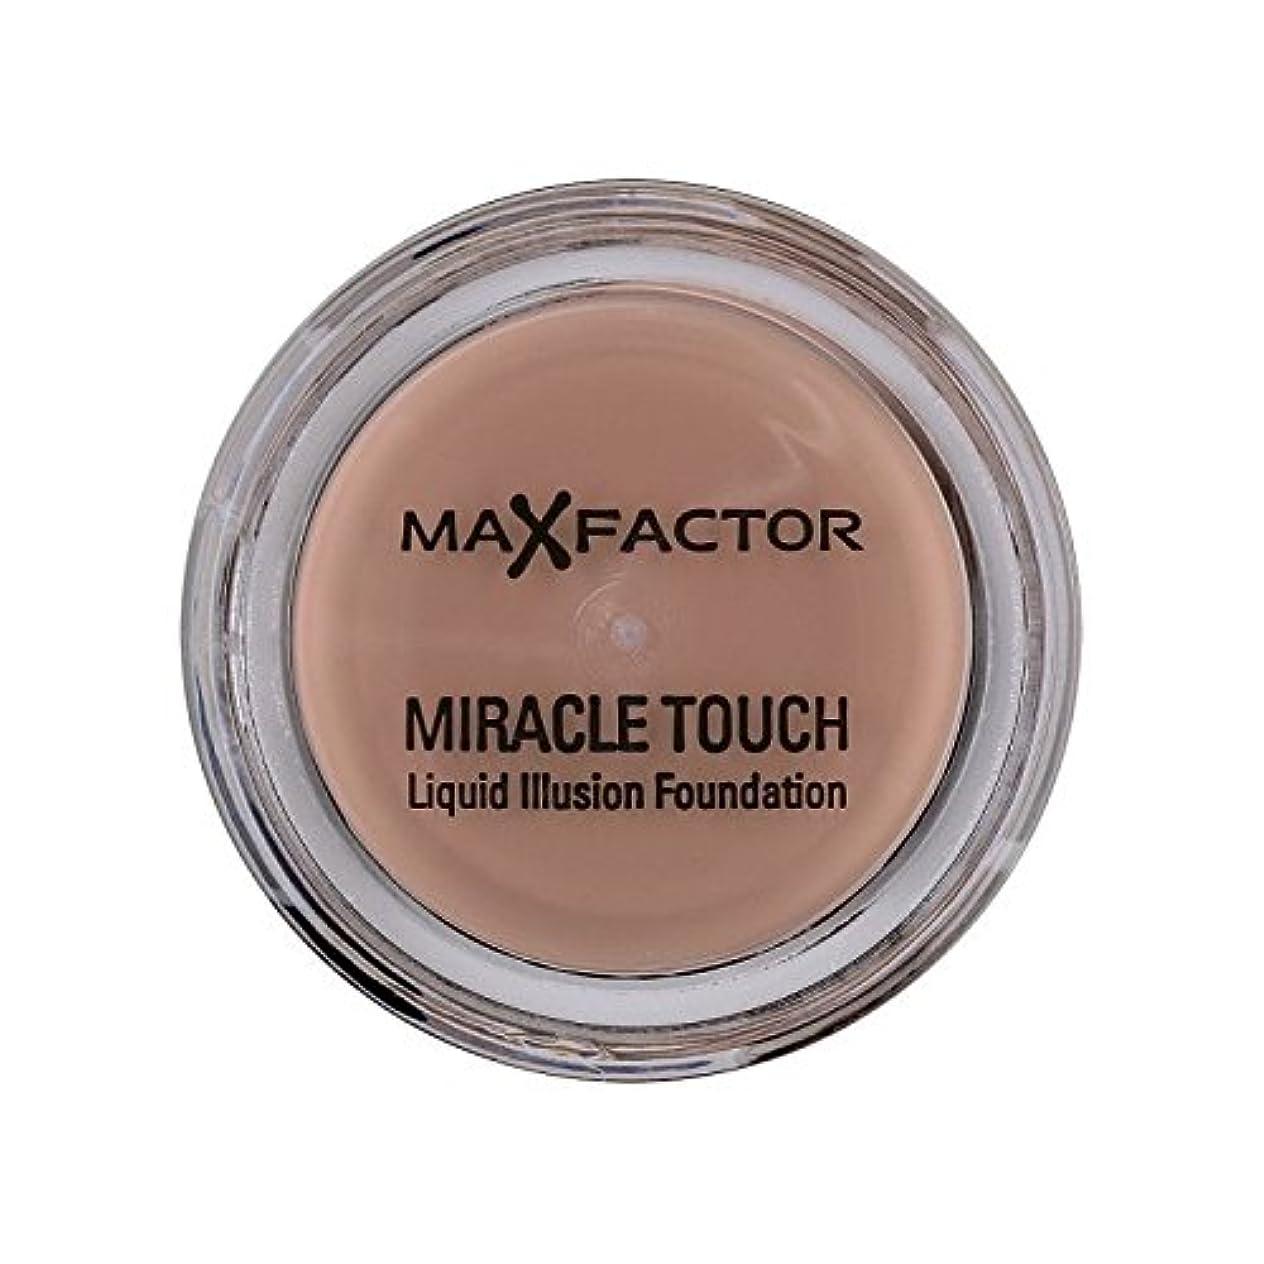 特権バリケード産地Max Factor Miracle Touch Foundation Natural 70 - マックスファクターの奇跡のタッチ基盤の自然70 [並行輸入品]